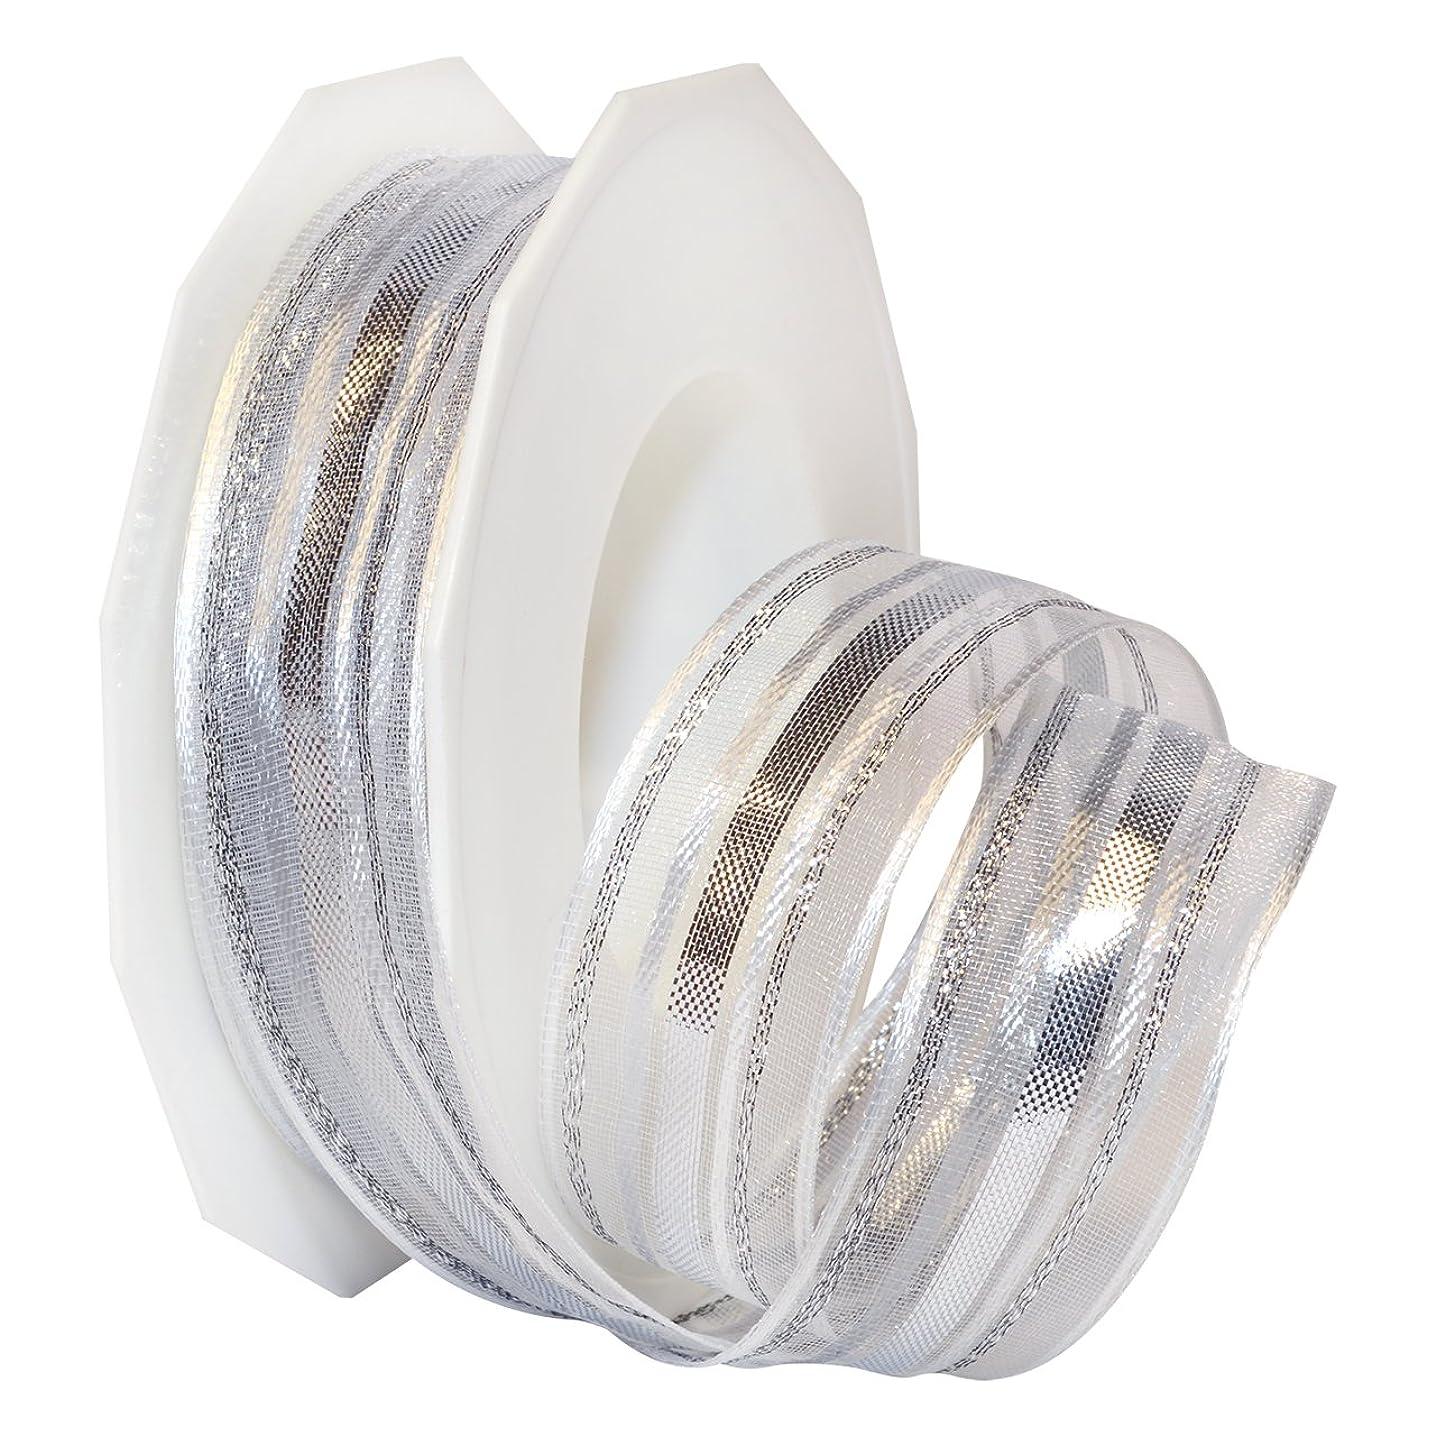 Morex Ribbon French Wired Polyester/Metallic Madagaskar Ribbon, 1